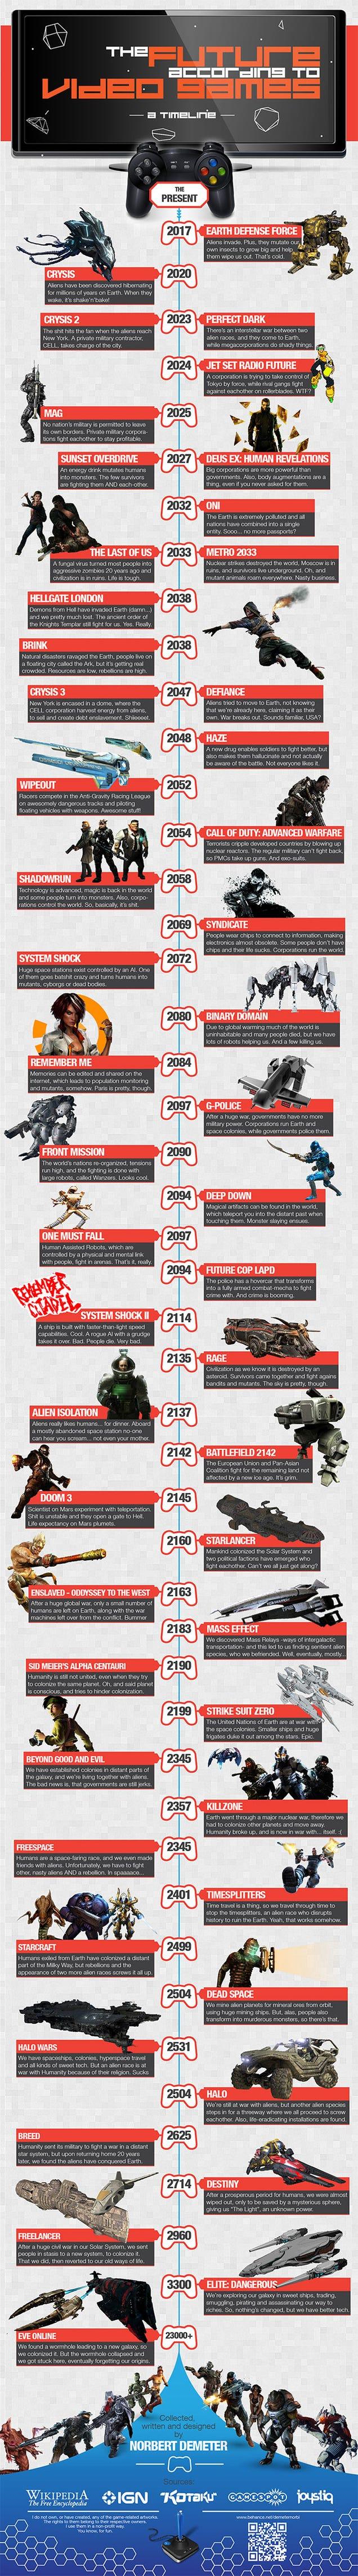 The Future Of Video Games [Infographics] Tương lai hoang tàn của Trái Đất sẽ như thế nào trong Video Game 1